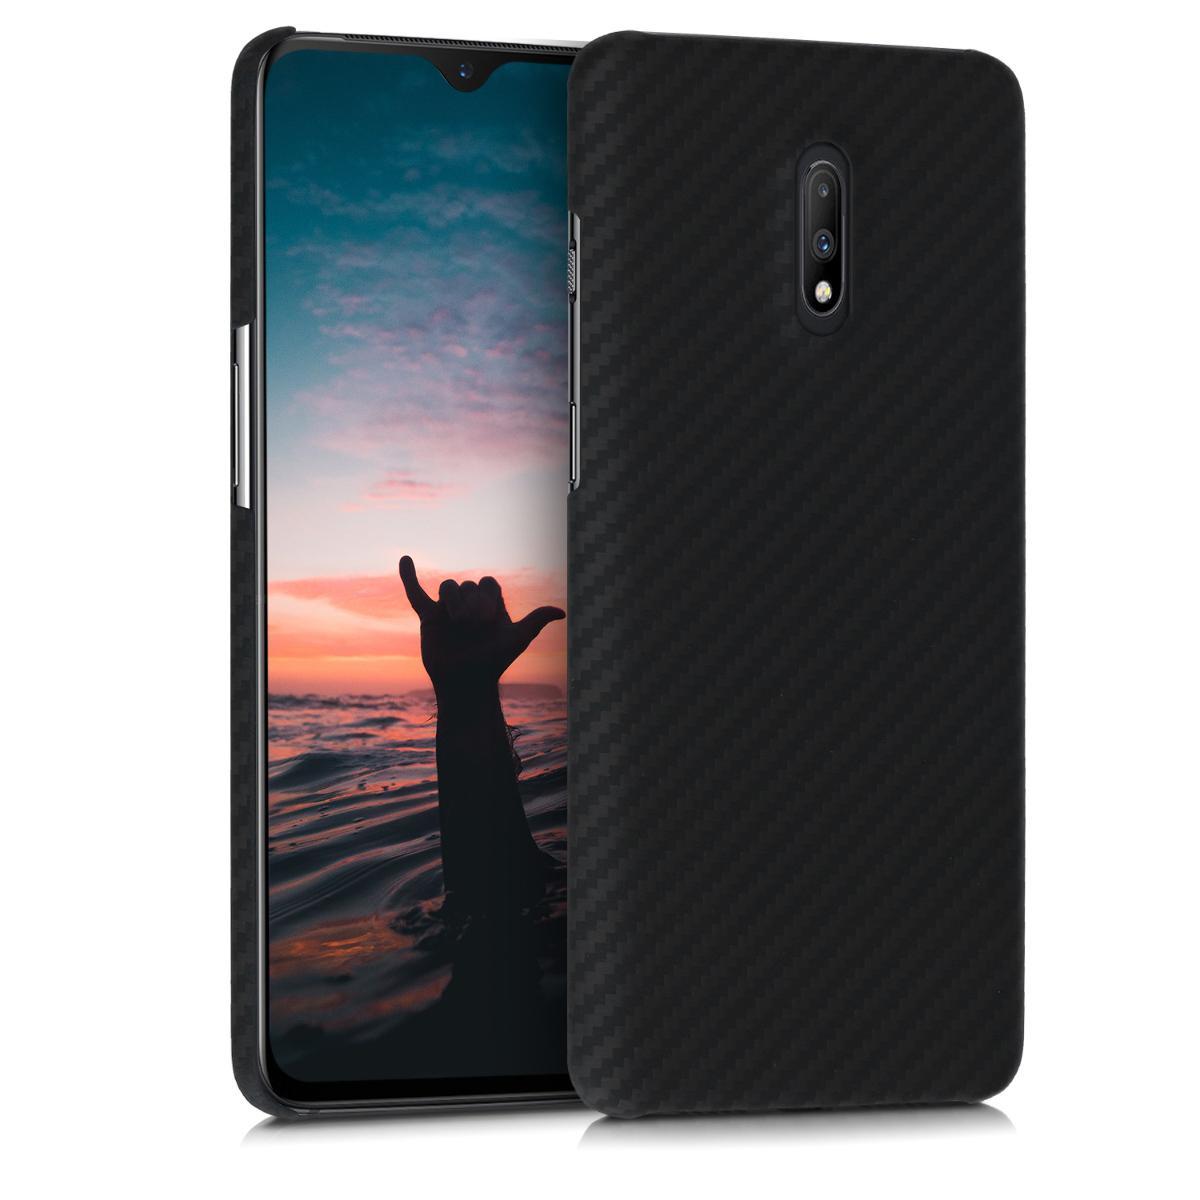 Kalibri Aramid Fiber Body - Σκληρή Θήκη OnePlus 7 - Black Matte (48580.47)